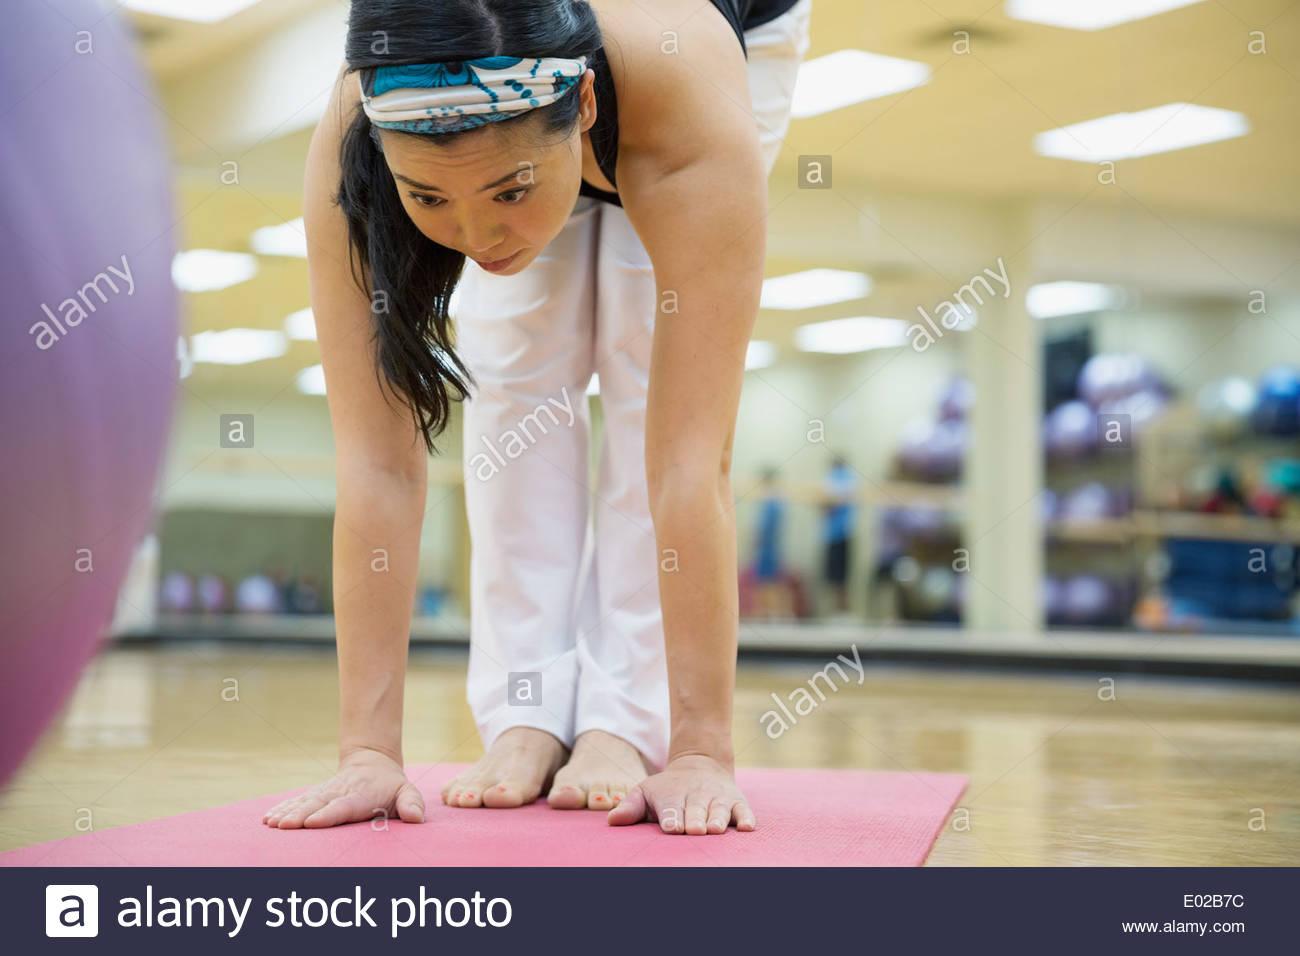 Mujer practicando yoga en el gimnasio Imagen De Stock